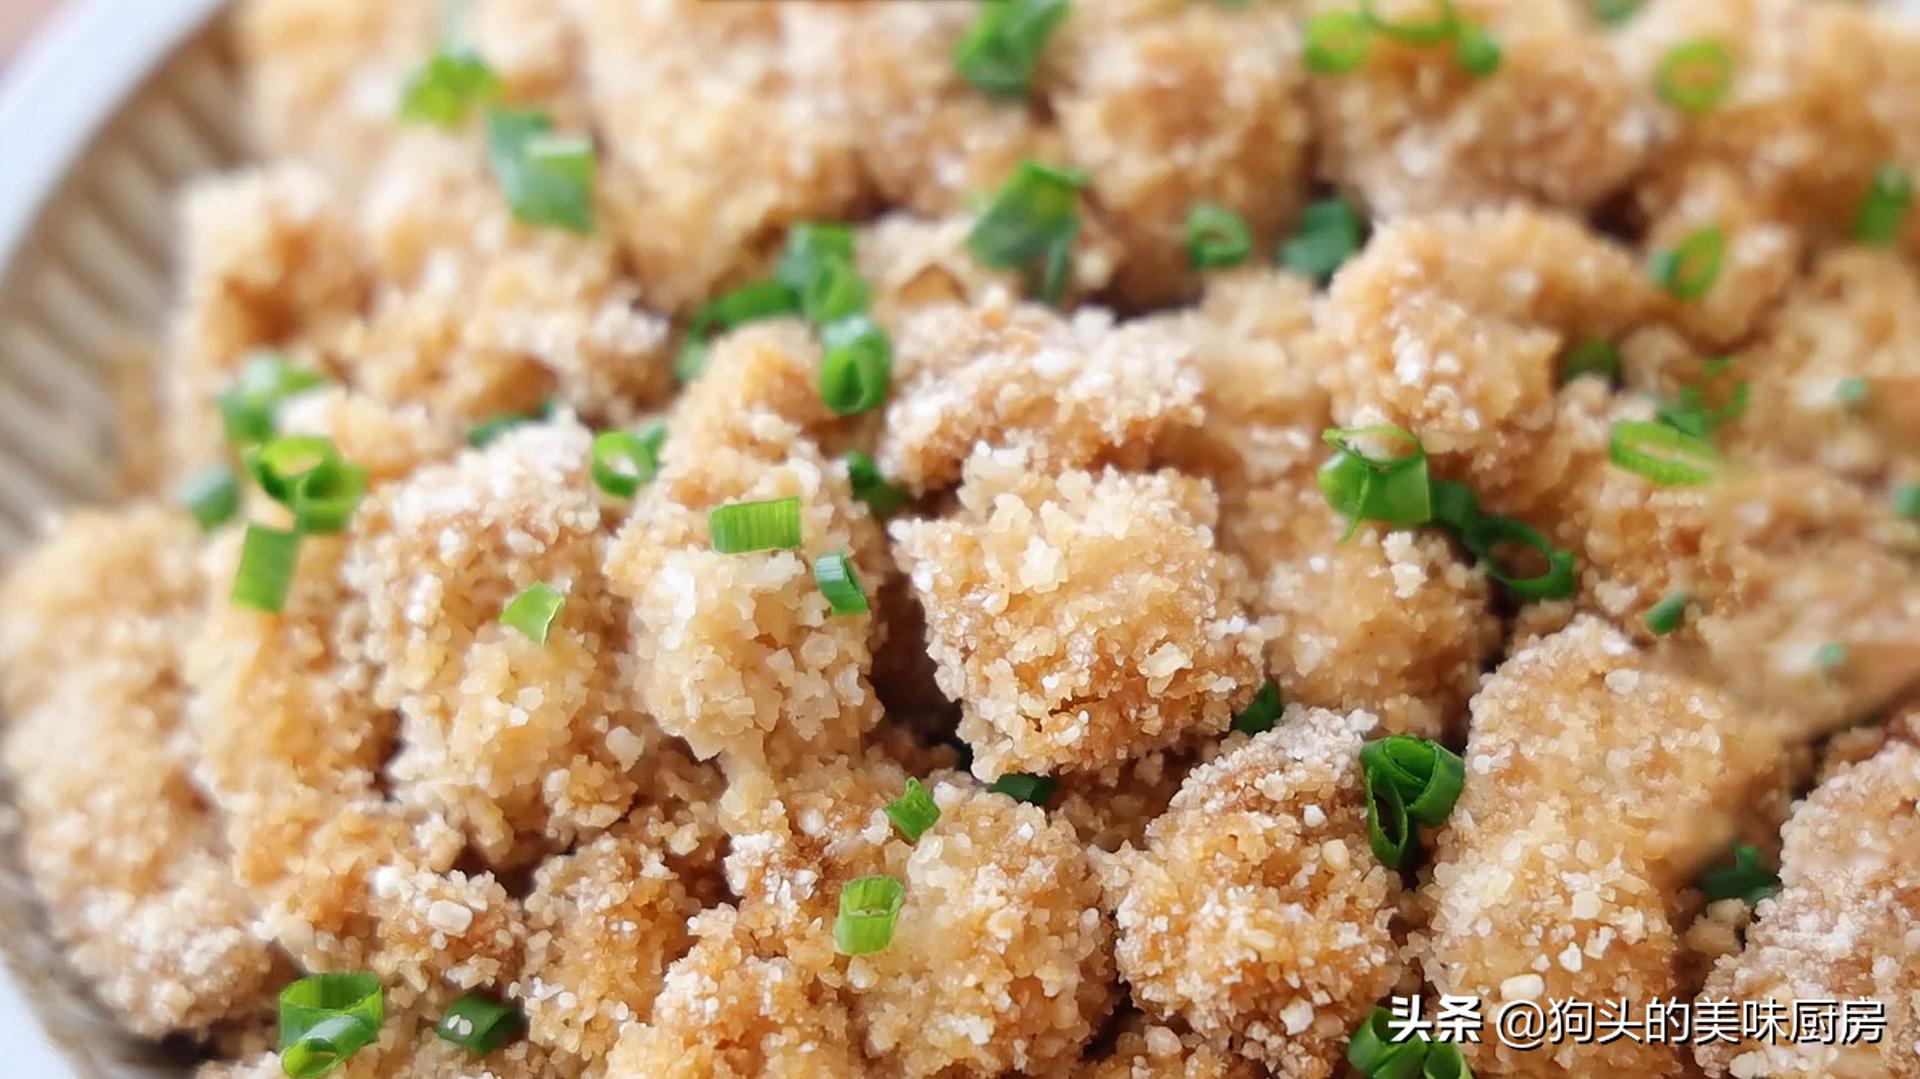 鸡胸肉过瘾的吃法,不炒不油炸,鲜嫩不柴有嚼劲,无油无烟更健康 美食做法 第3张